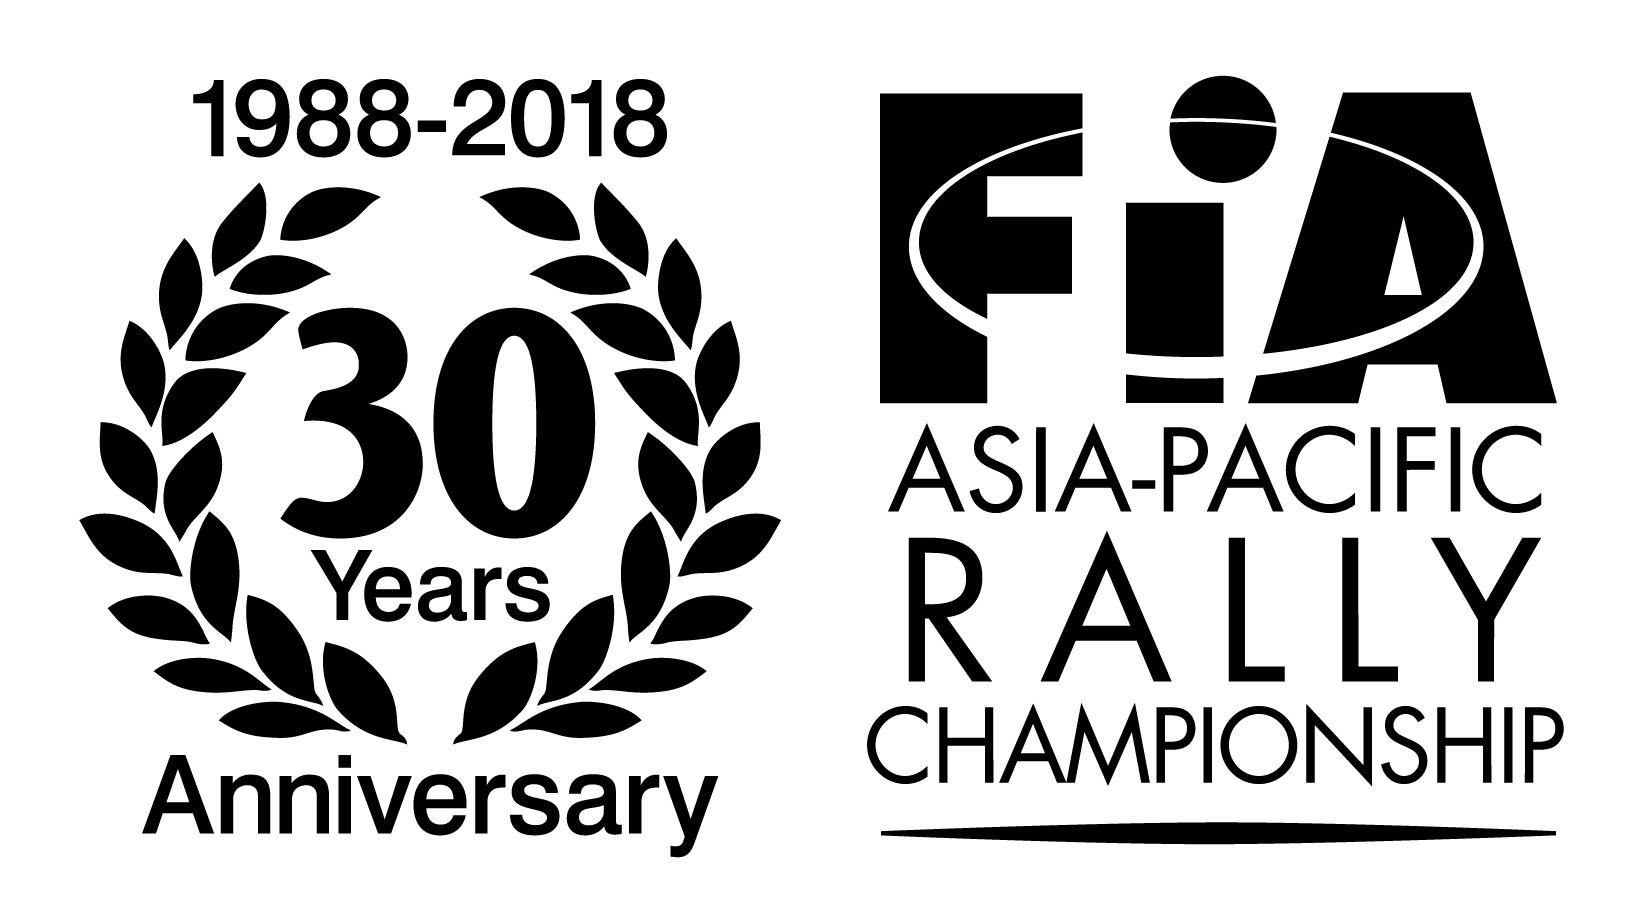 FIA APRC 30th Anniversary